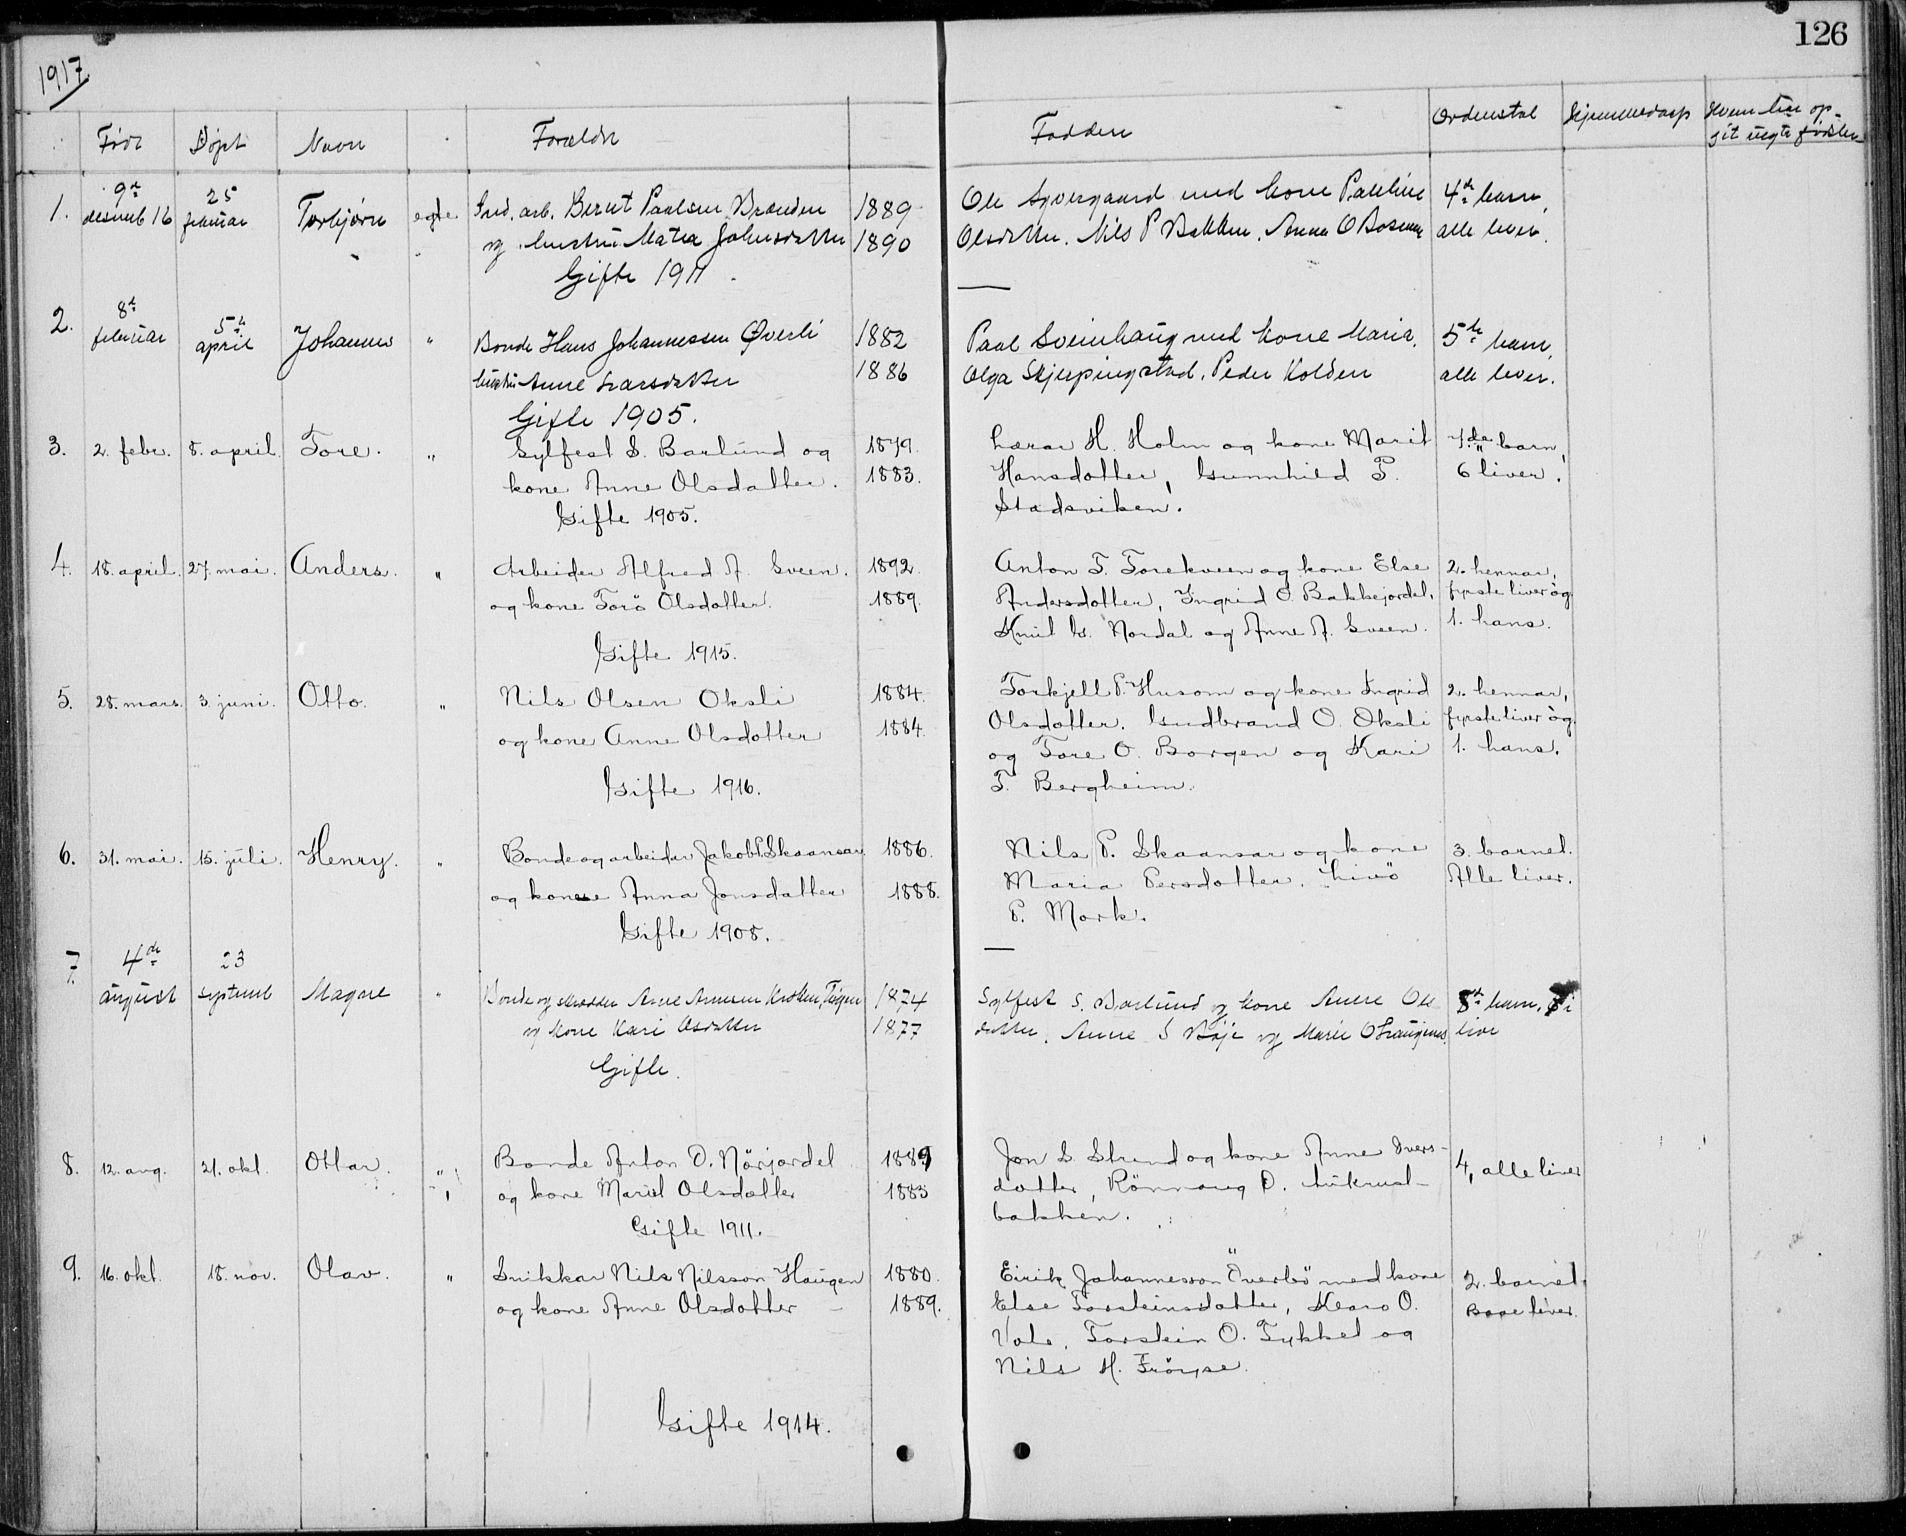 SAH, Lom prestekontor, L/L0013: Klokkerbok nr. 13, 1874-1938, s. 126